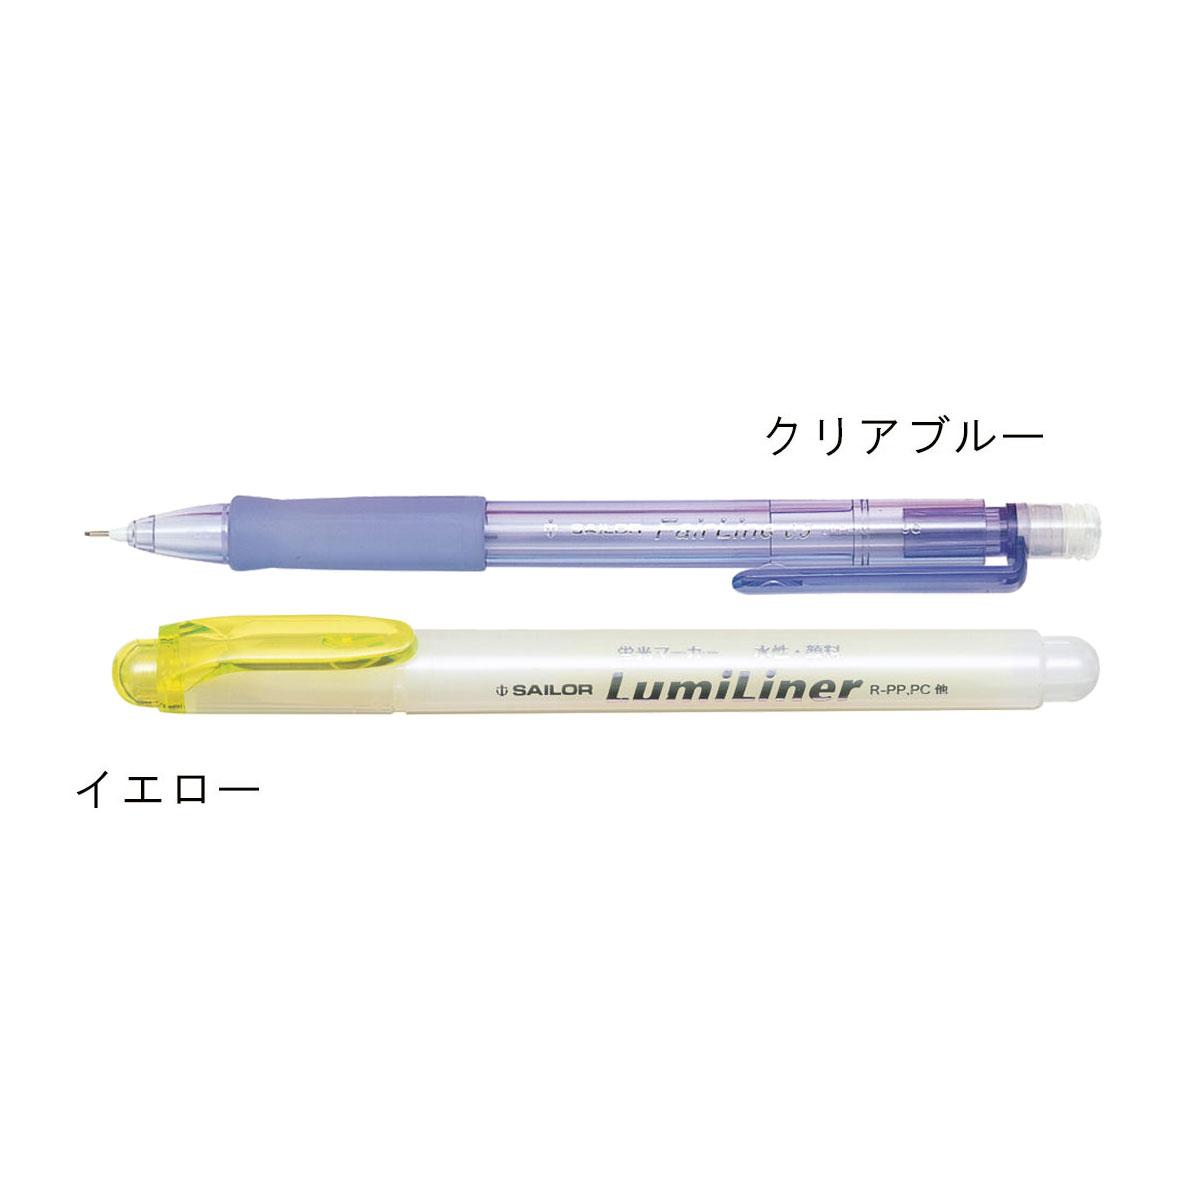 セーラー万年筆 フェアラインシャープペン + ルミライナー1 セット